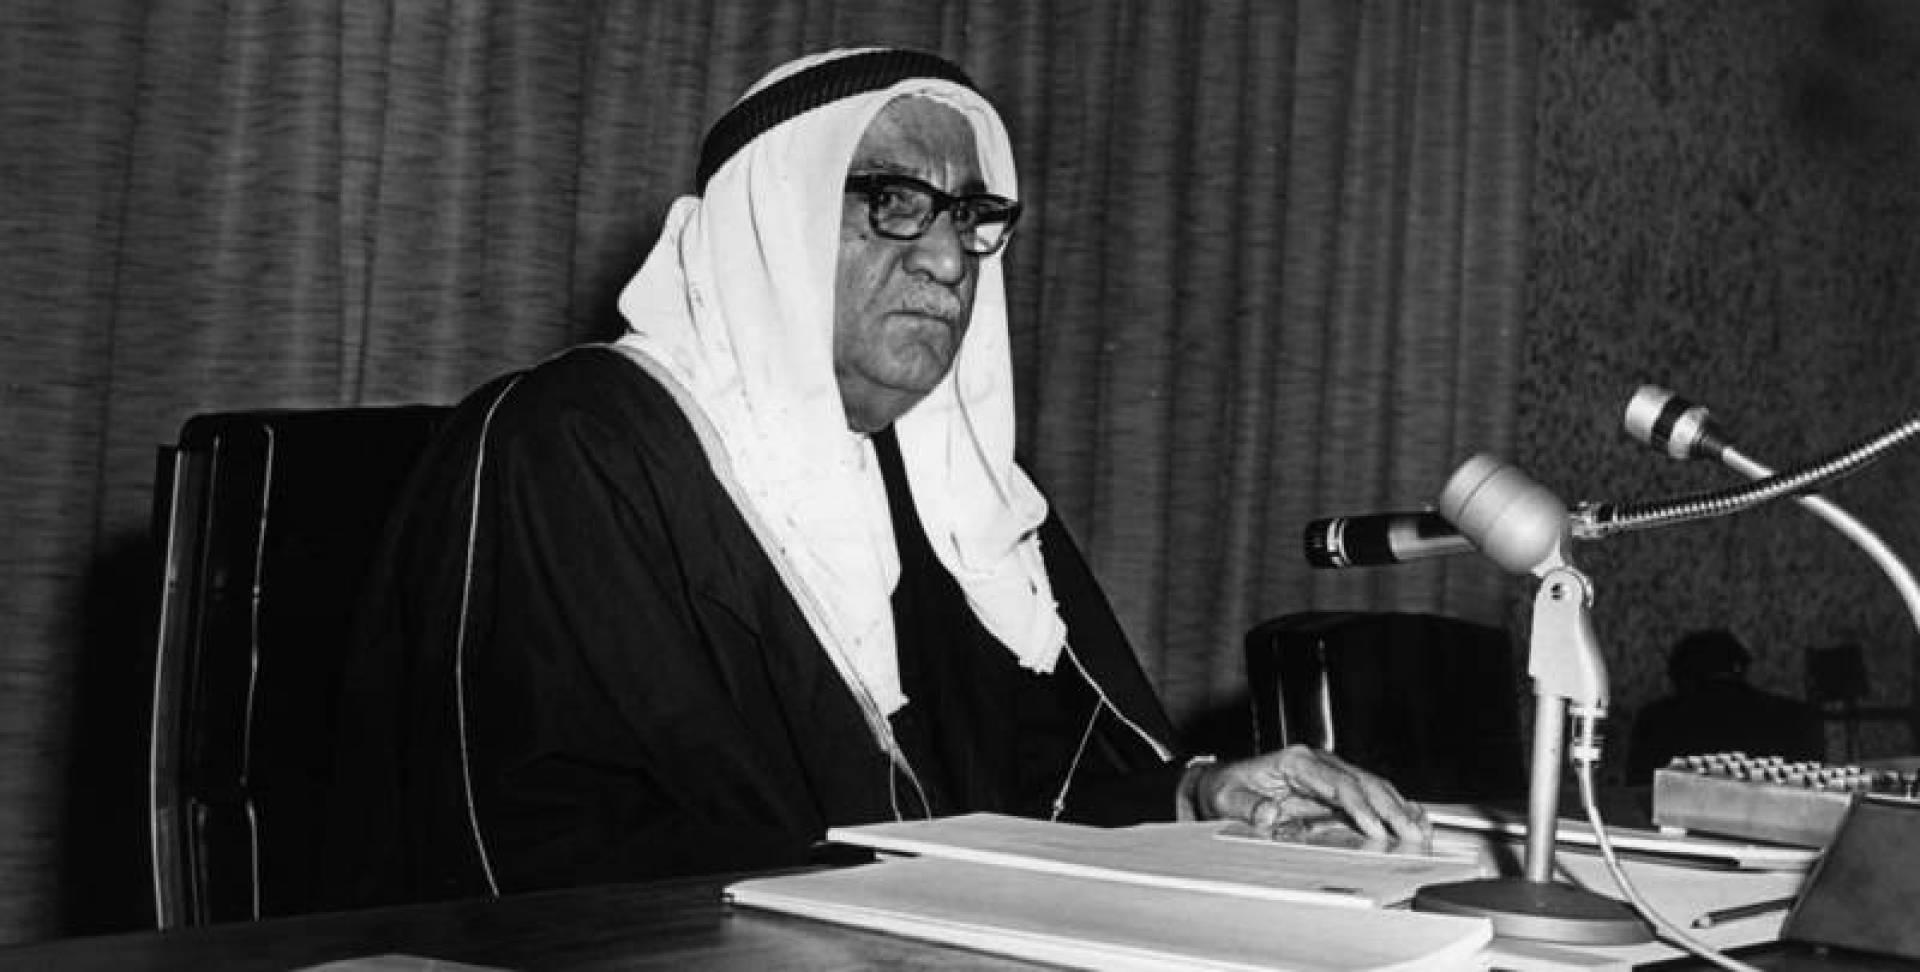 رئيس المجلس التأسيسي بالبحرين إبراهيم العريضي يتحدث لـ القبس.. أرشيفية